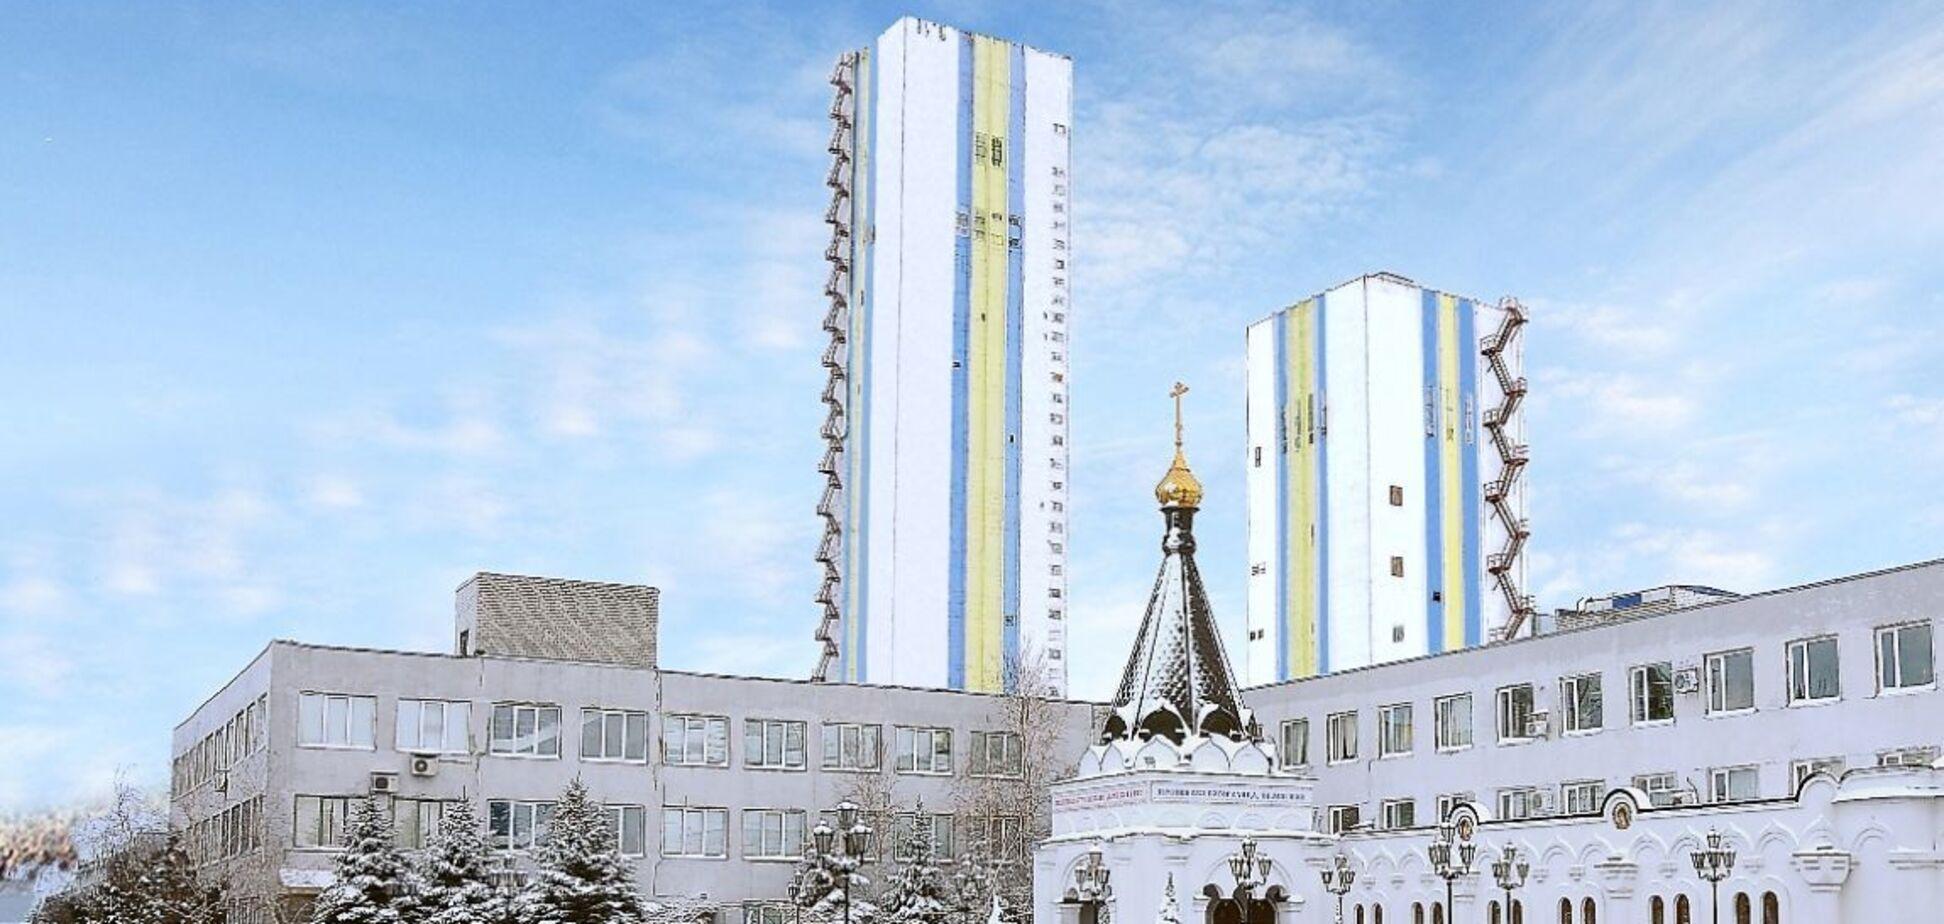 Проекты 'Метинвеста' на Донбассе, на контрасте с ОРДЛО, могут показать пример успешного развития региона